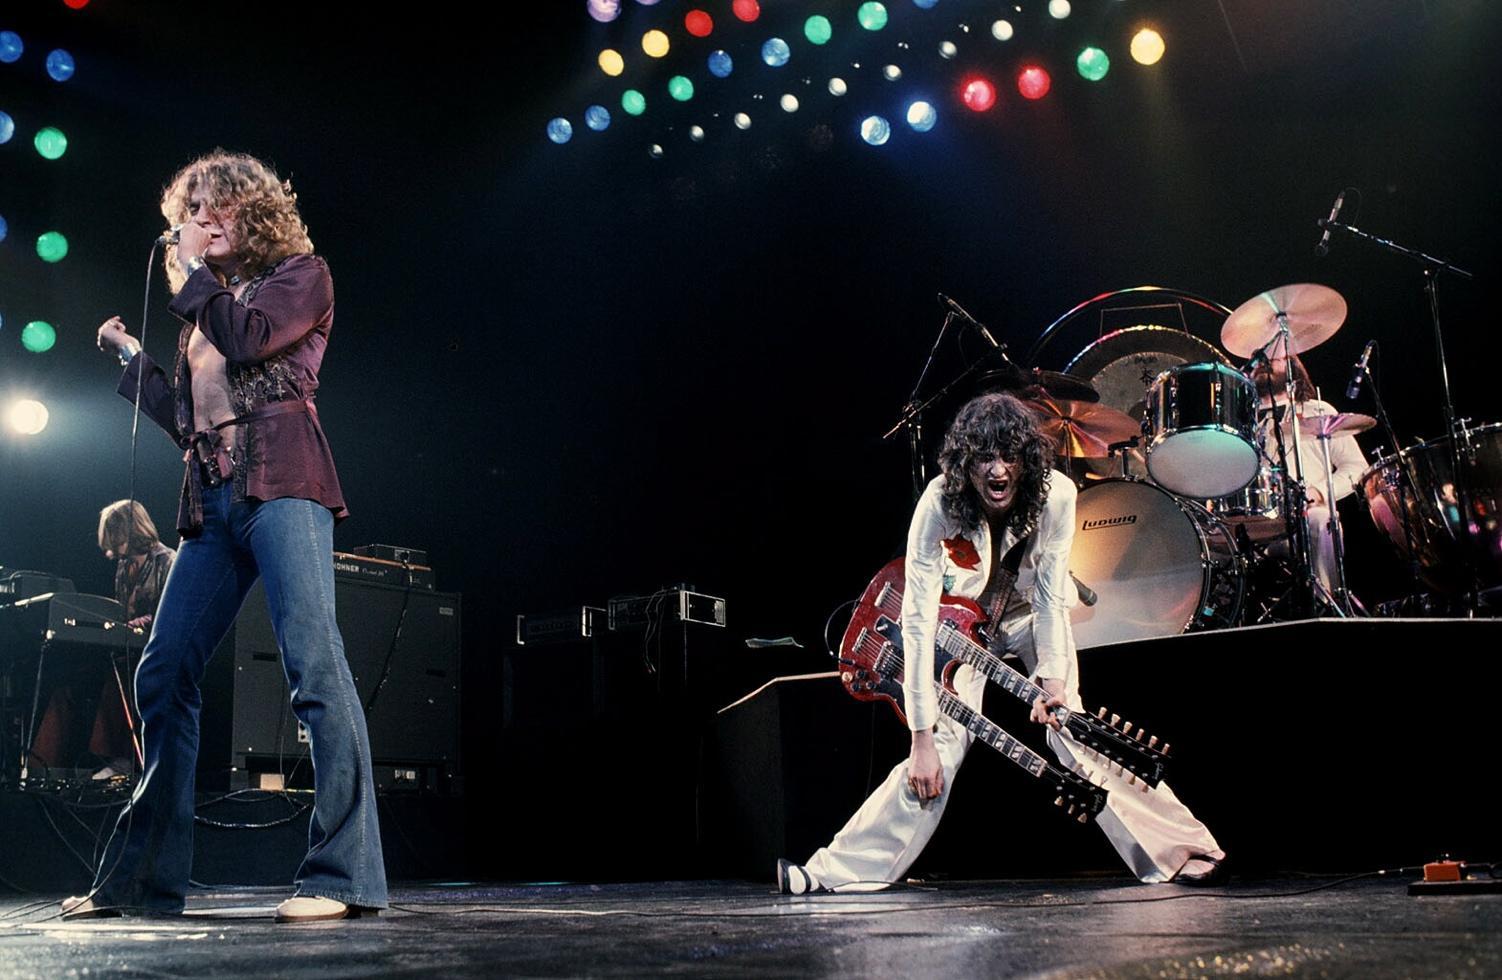 Οι Led Zeppelin σε περιοδεία το 1977